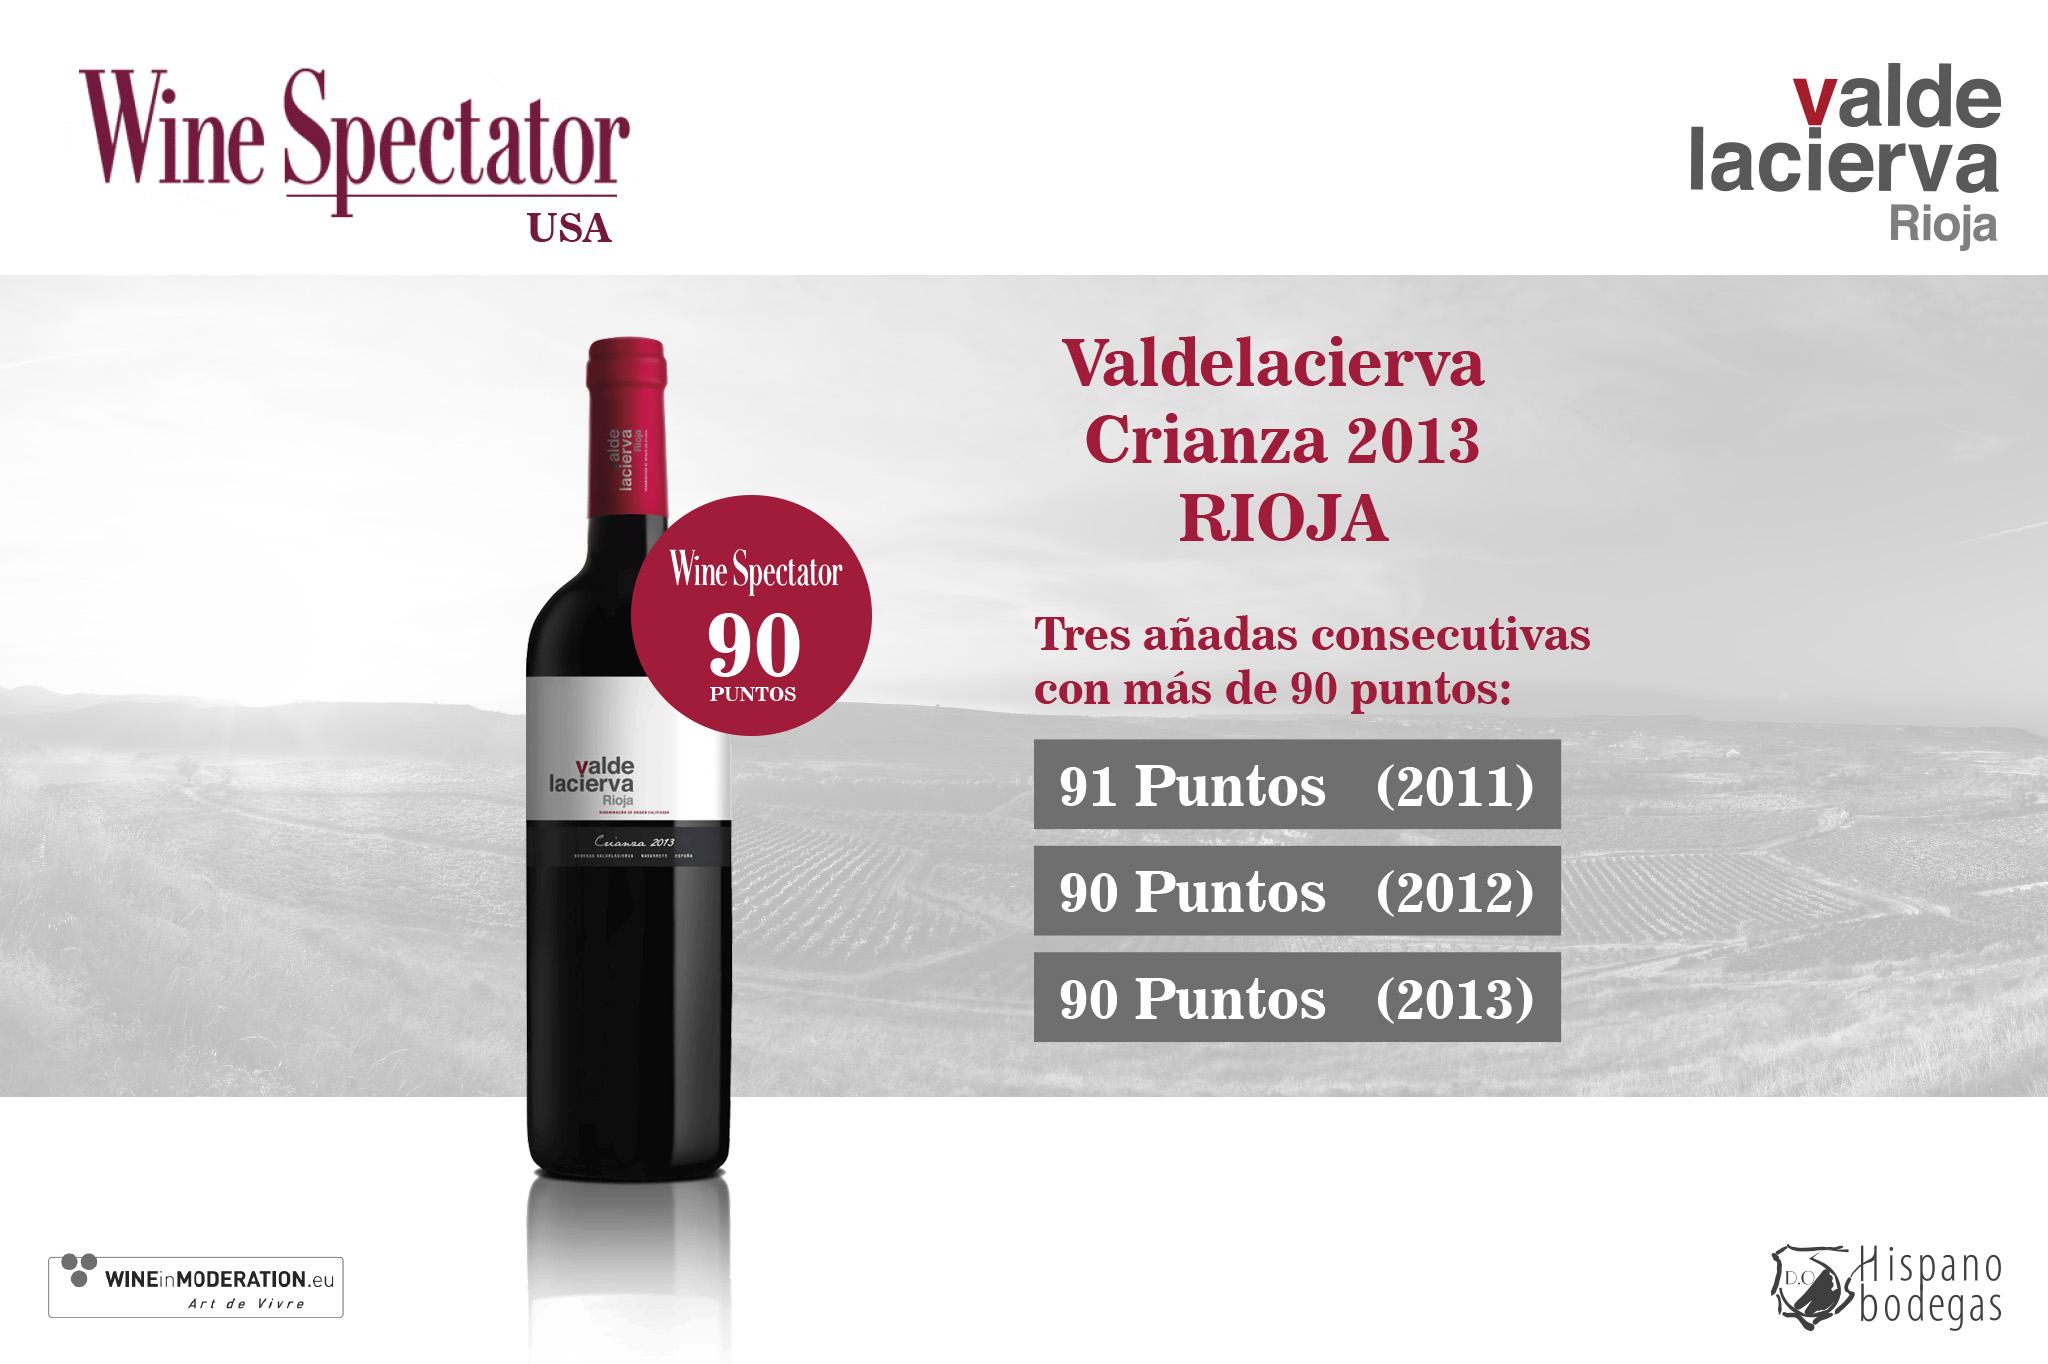 Valdelacierva crianza 2013 obtiene 90 puntos en Wine Spectator